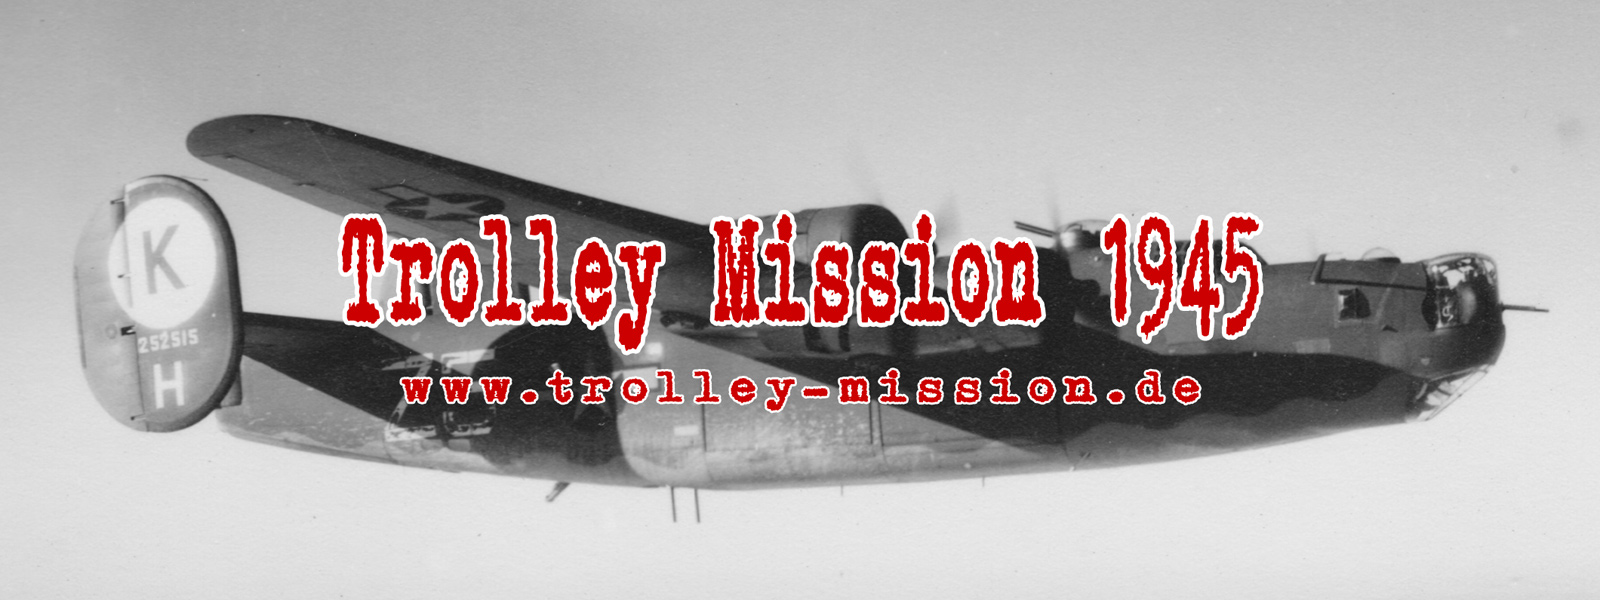 Luftaufnahmen und Luftbilder von Deutschland während der Trolley Mission im Mai 1945